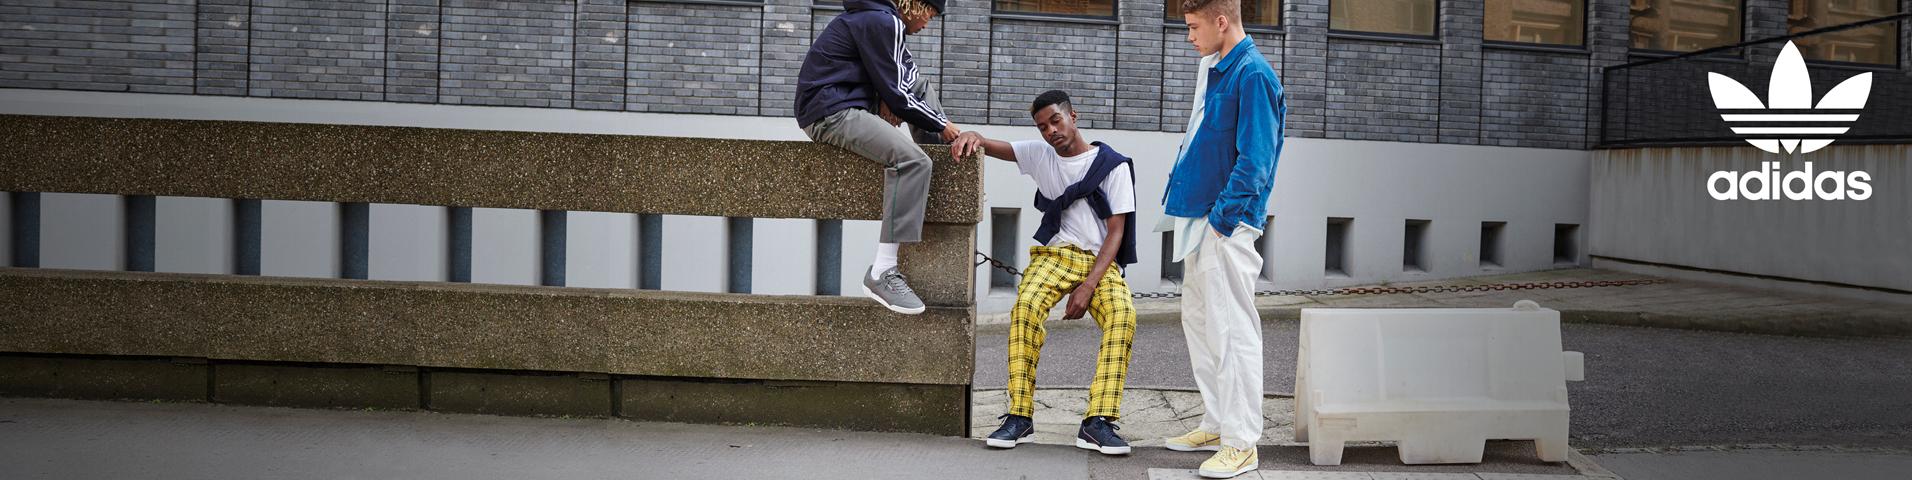 d4a610be29811 Günstige adidas Mode & Schuhe für Herren im Sale online shoppen ...